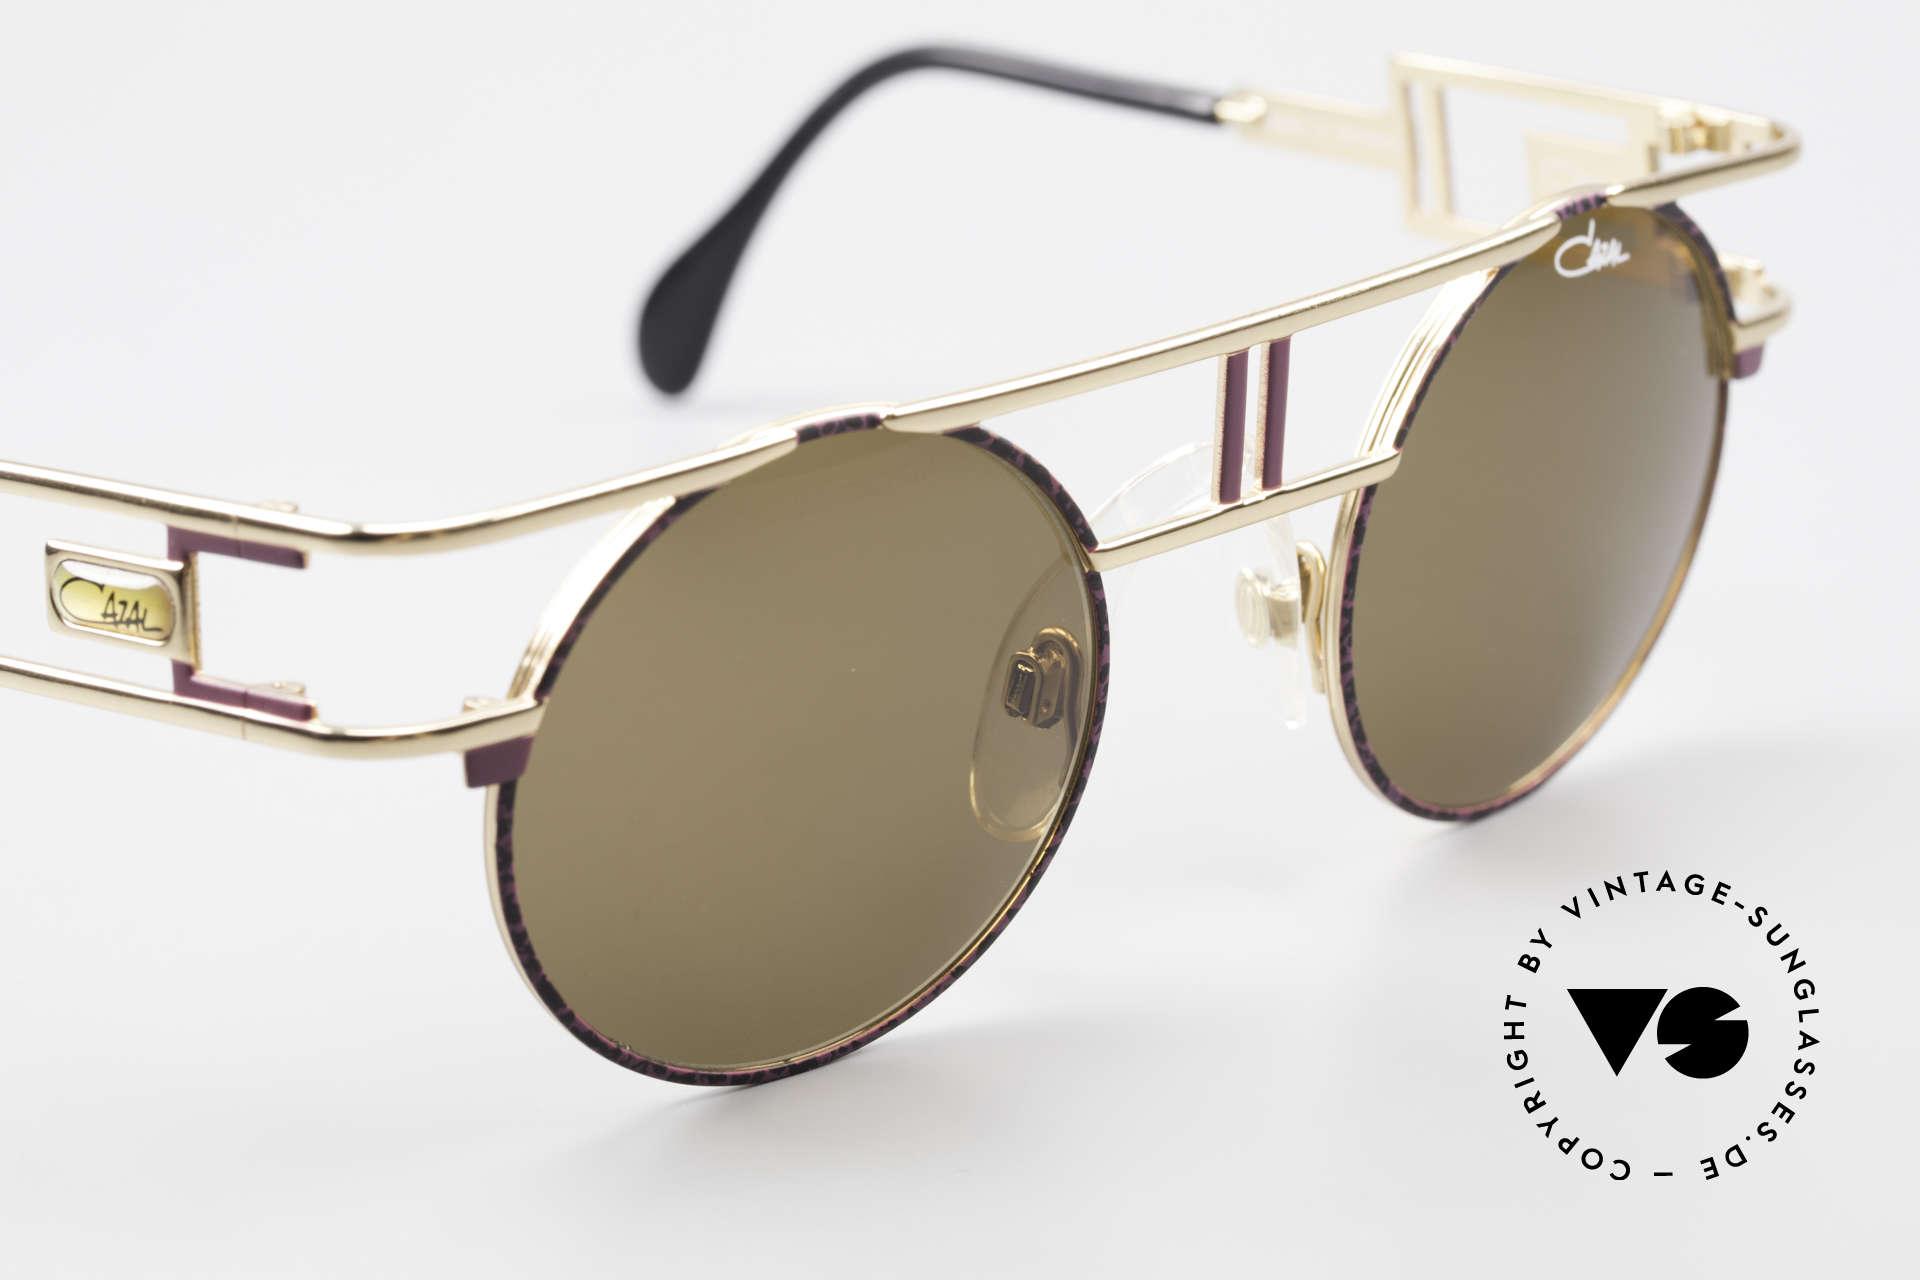 Cazal 958 90er Eurythmics Sonnenbrille, braune Cazal Sonnengläser für 100% UV Protection, Passend für Herren und Damen